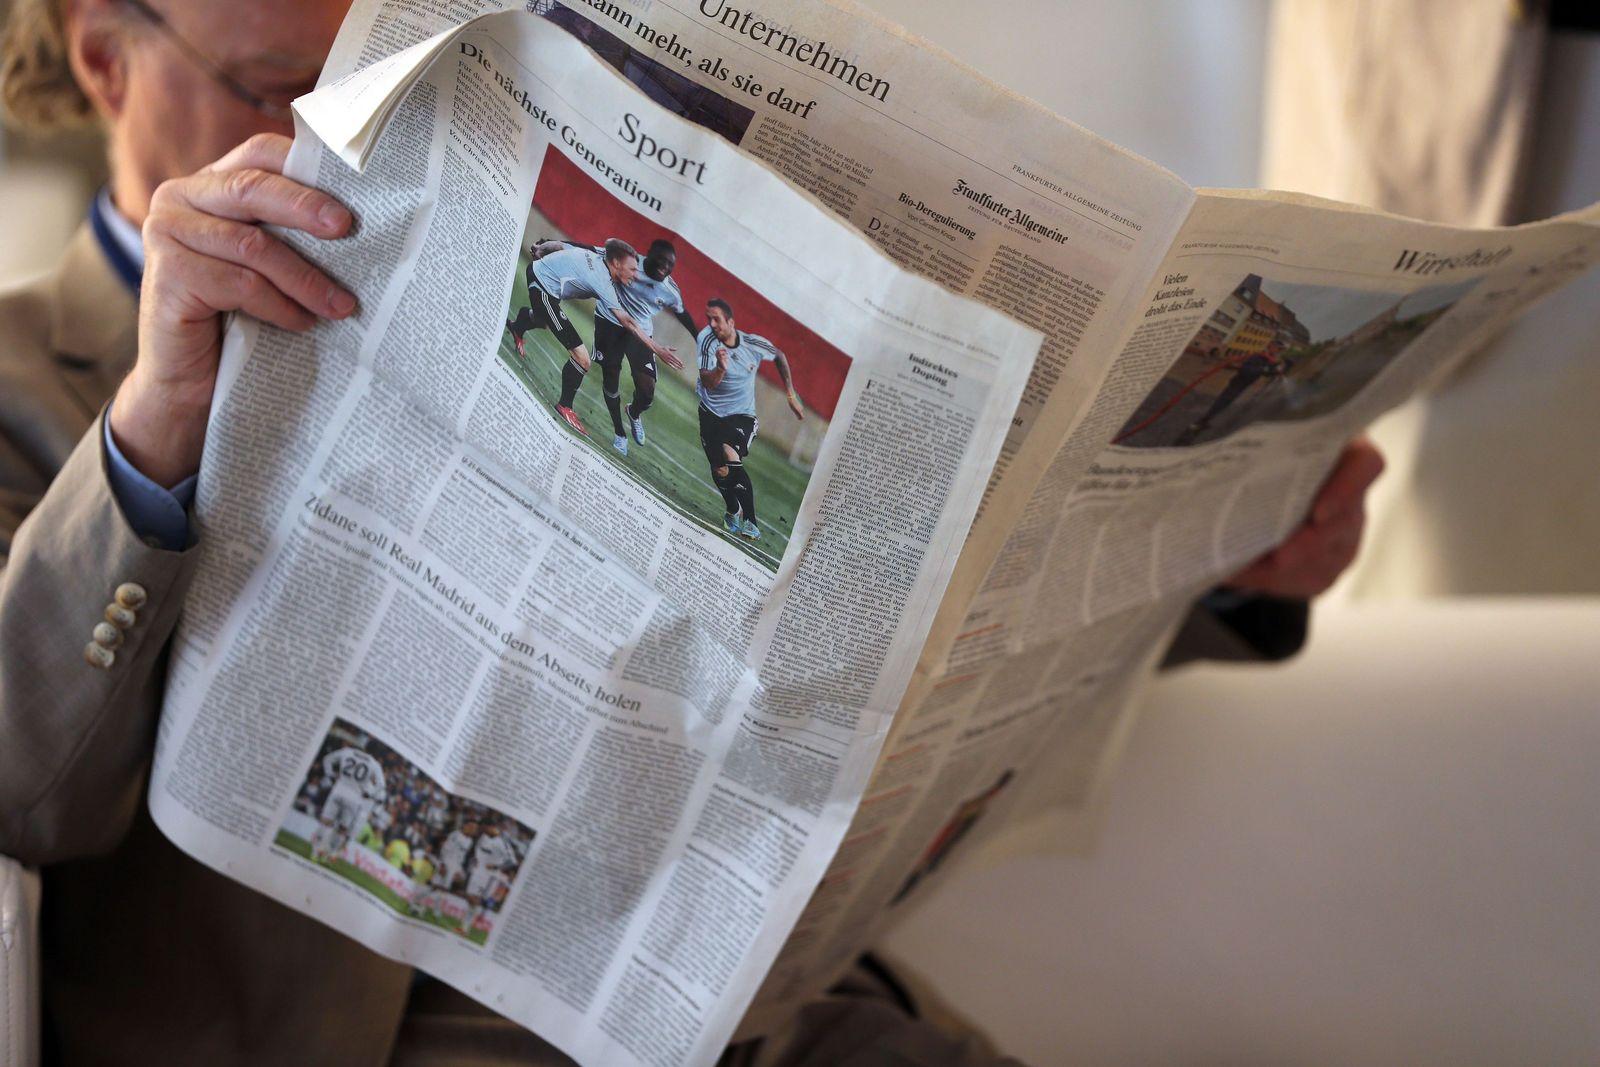 Medien/ Tageszeitung